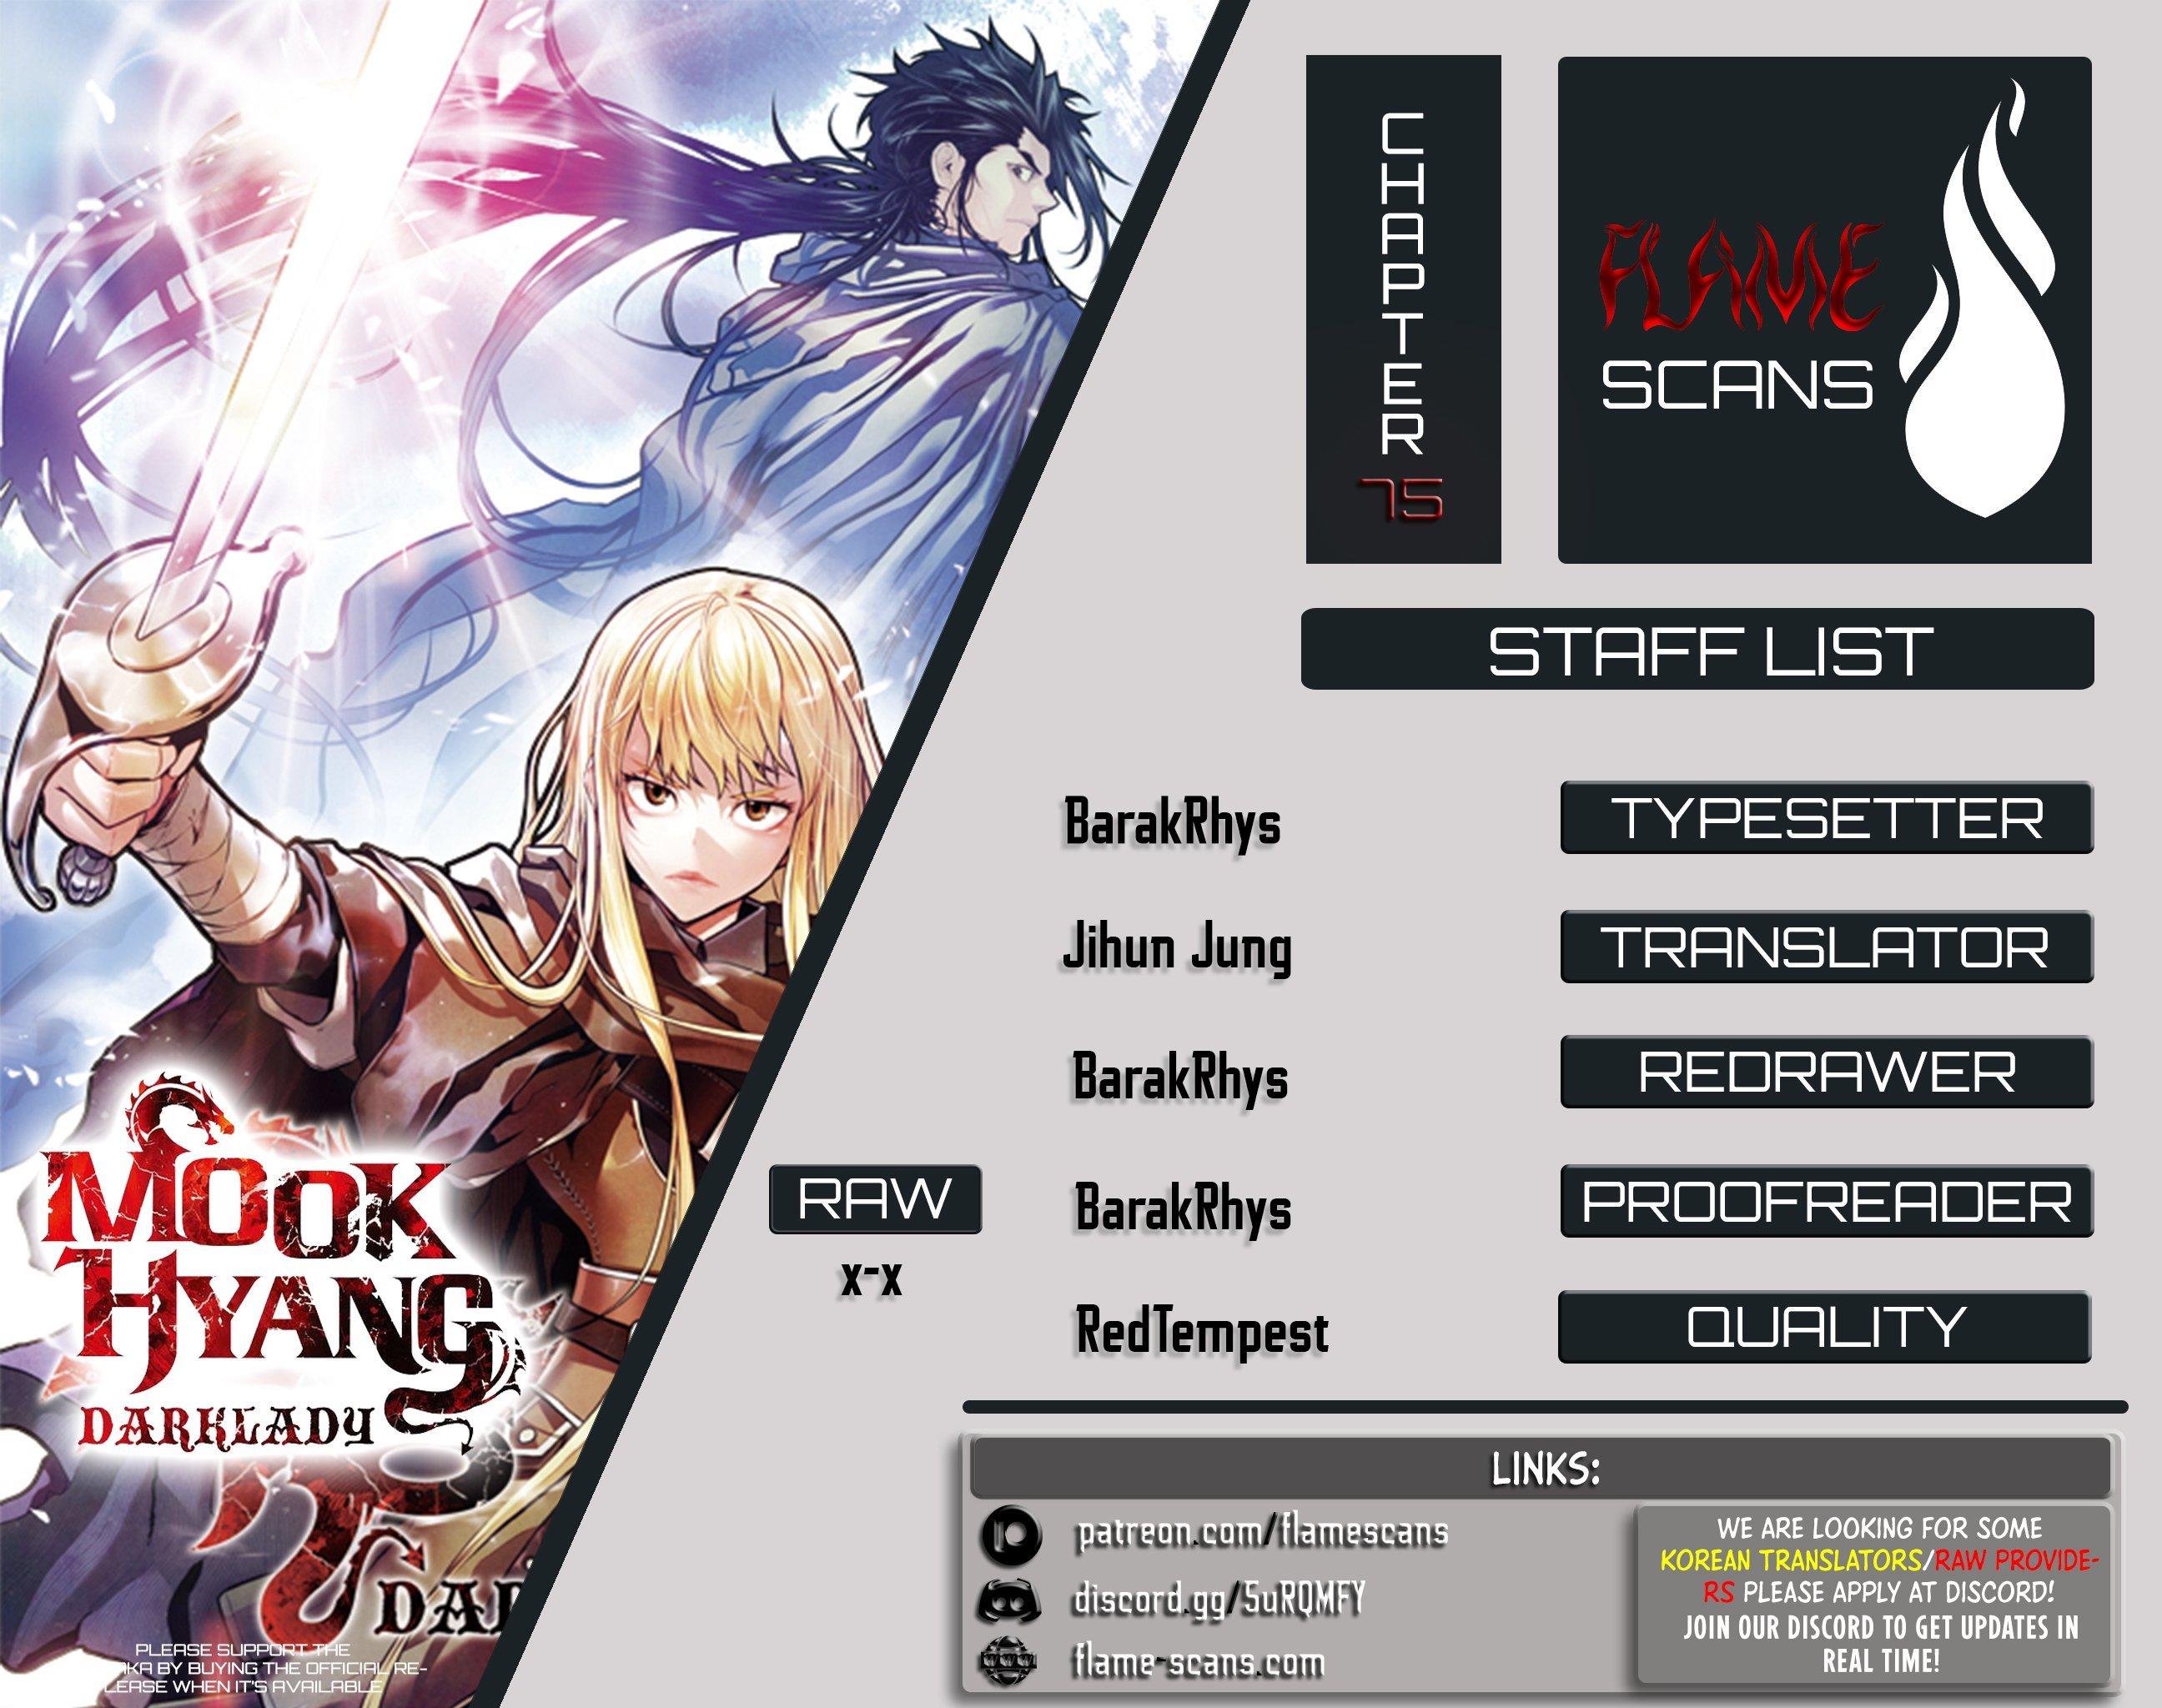 Manga MookHyang - Dark Lady - Chapter 75 Page 1